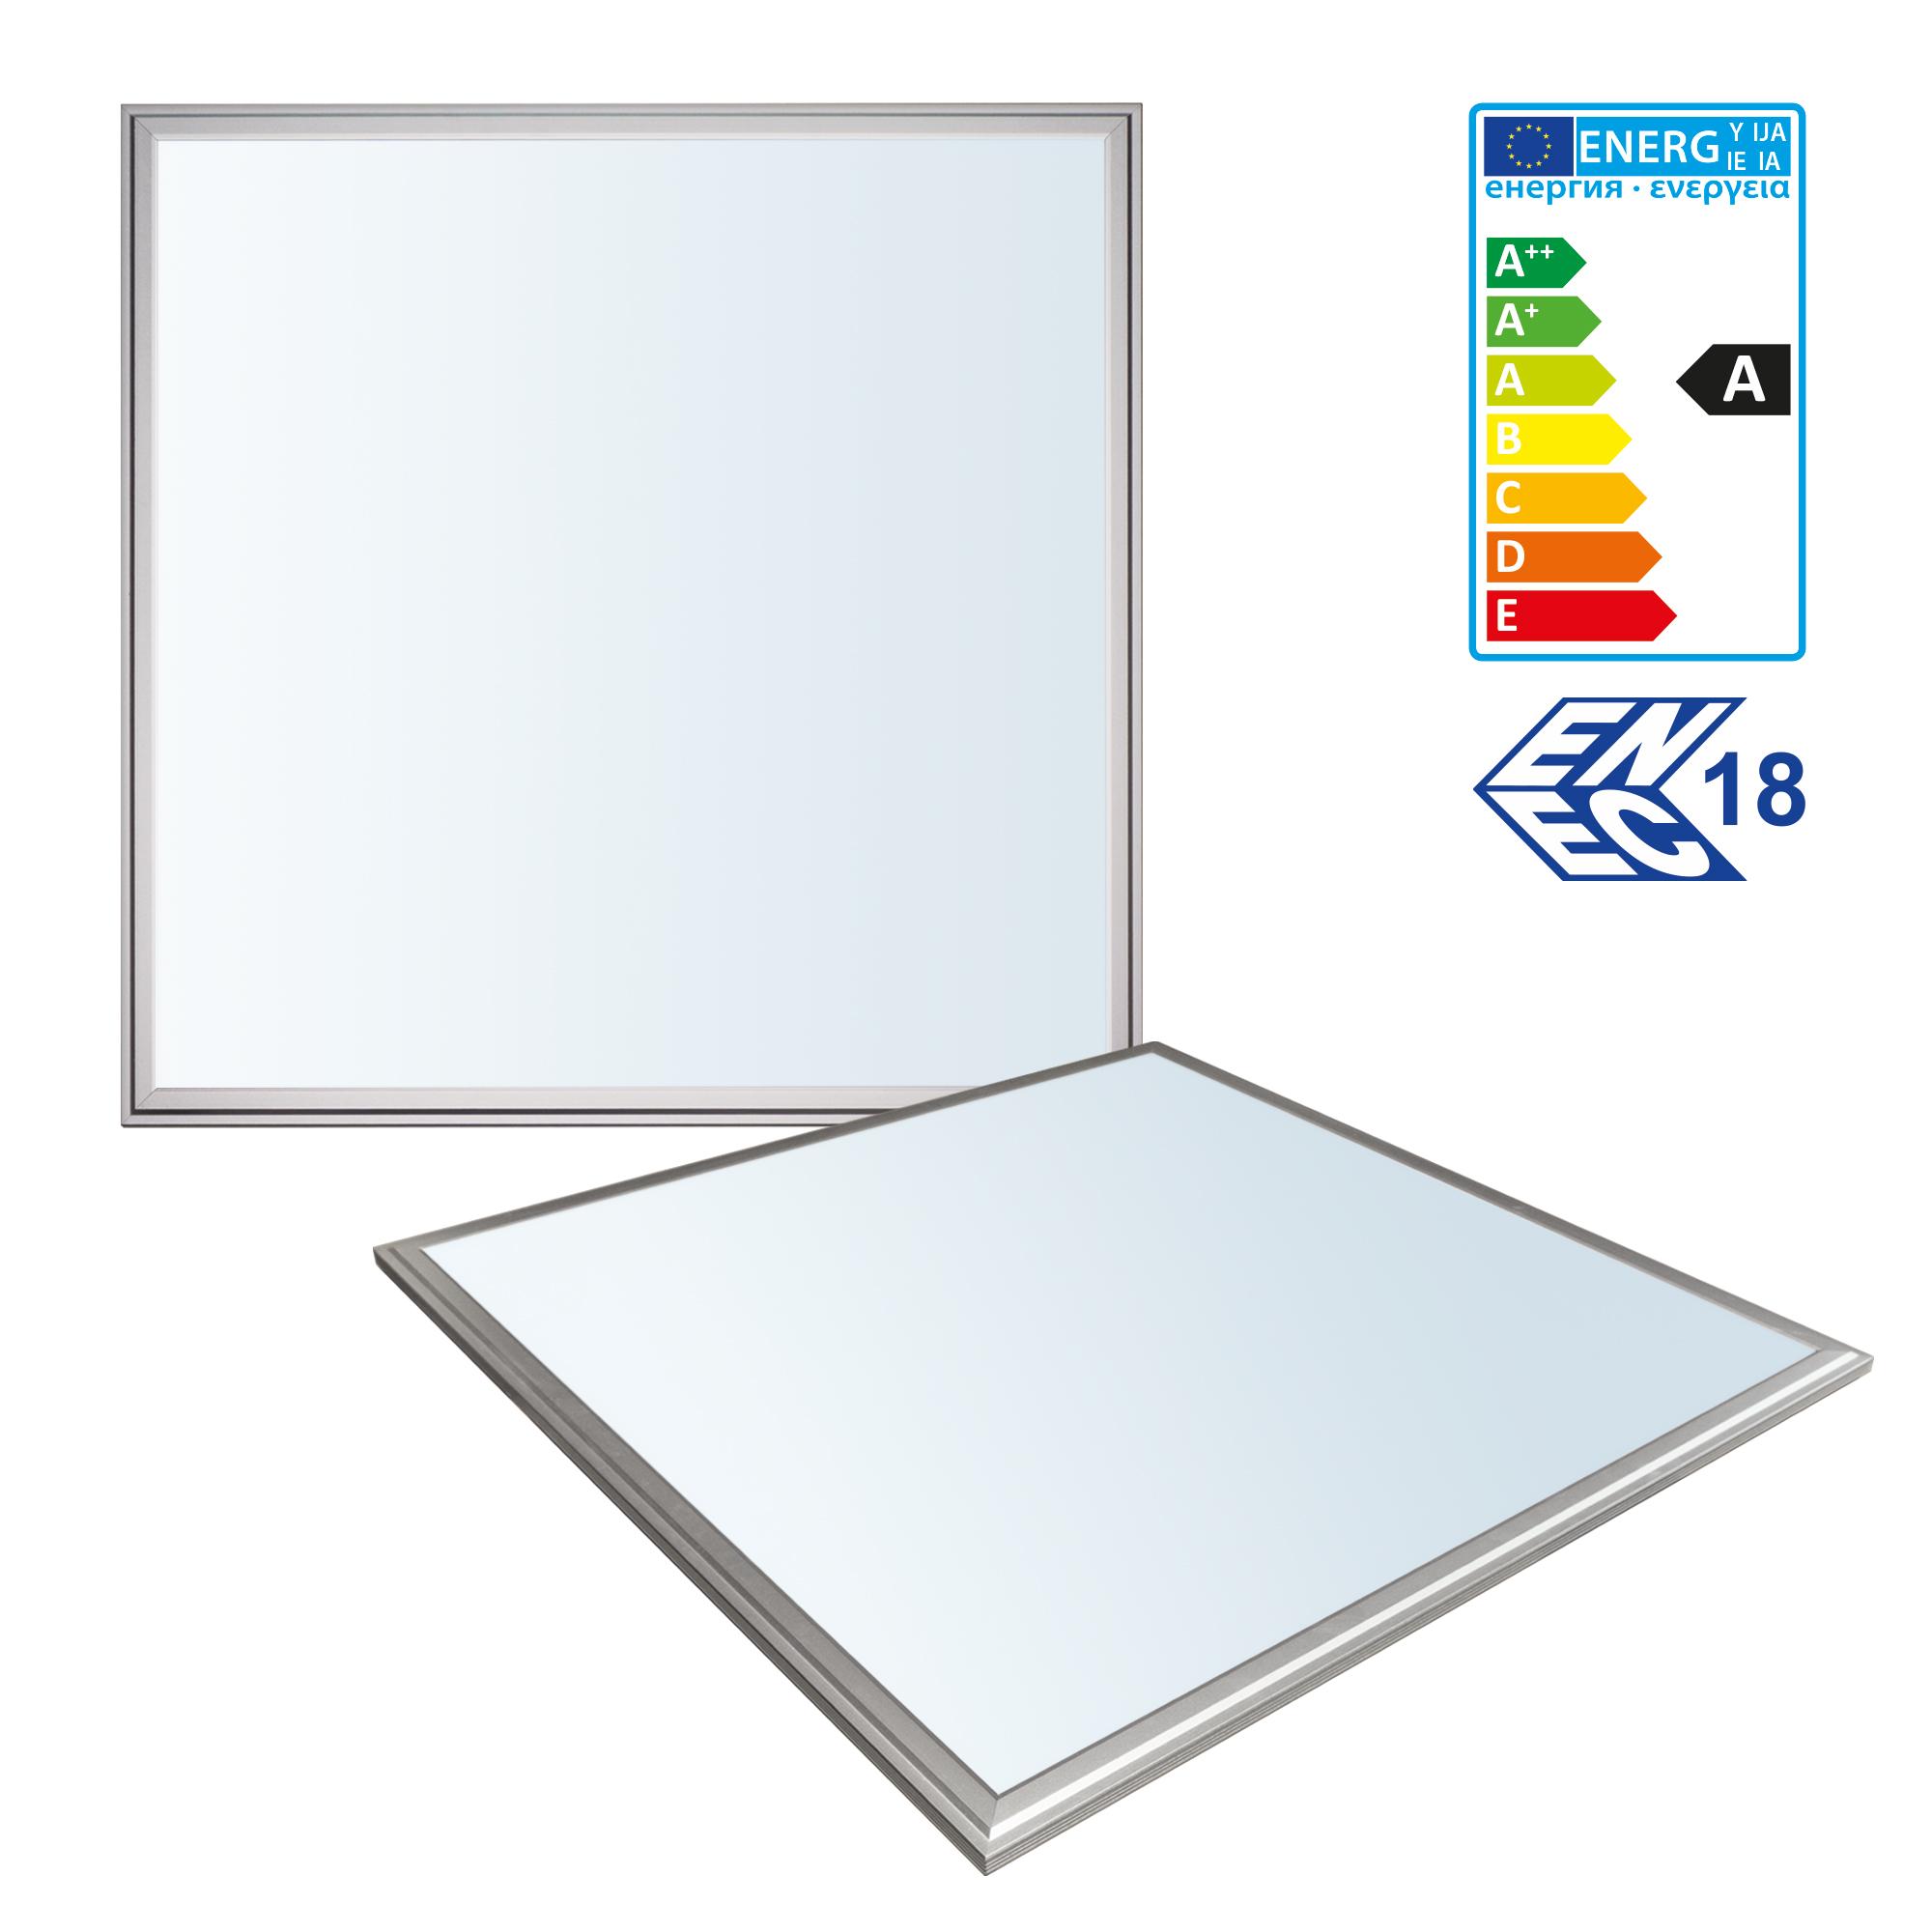 1x LEDVero 60x60 ENEC High Lumen 45W Ultraslim LED Panel 3500lm Deckenleuchte mit Befestigungsclips und EMVTrafo - Kaltweiß - Energieklasse A